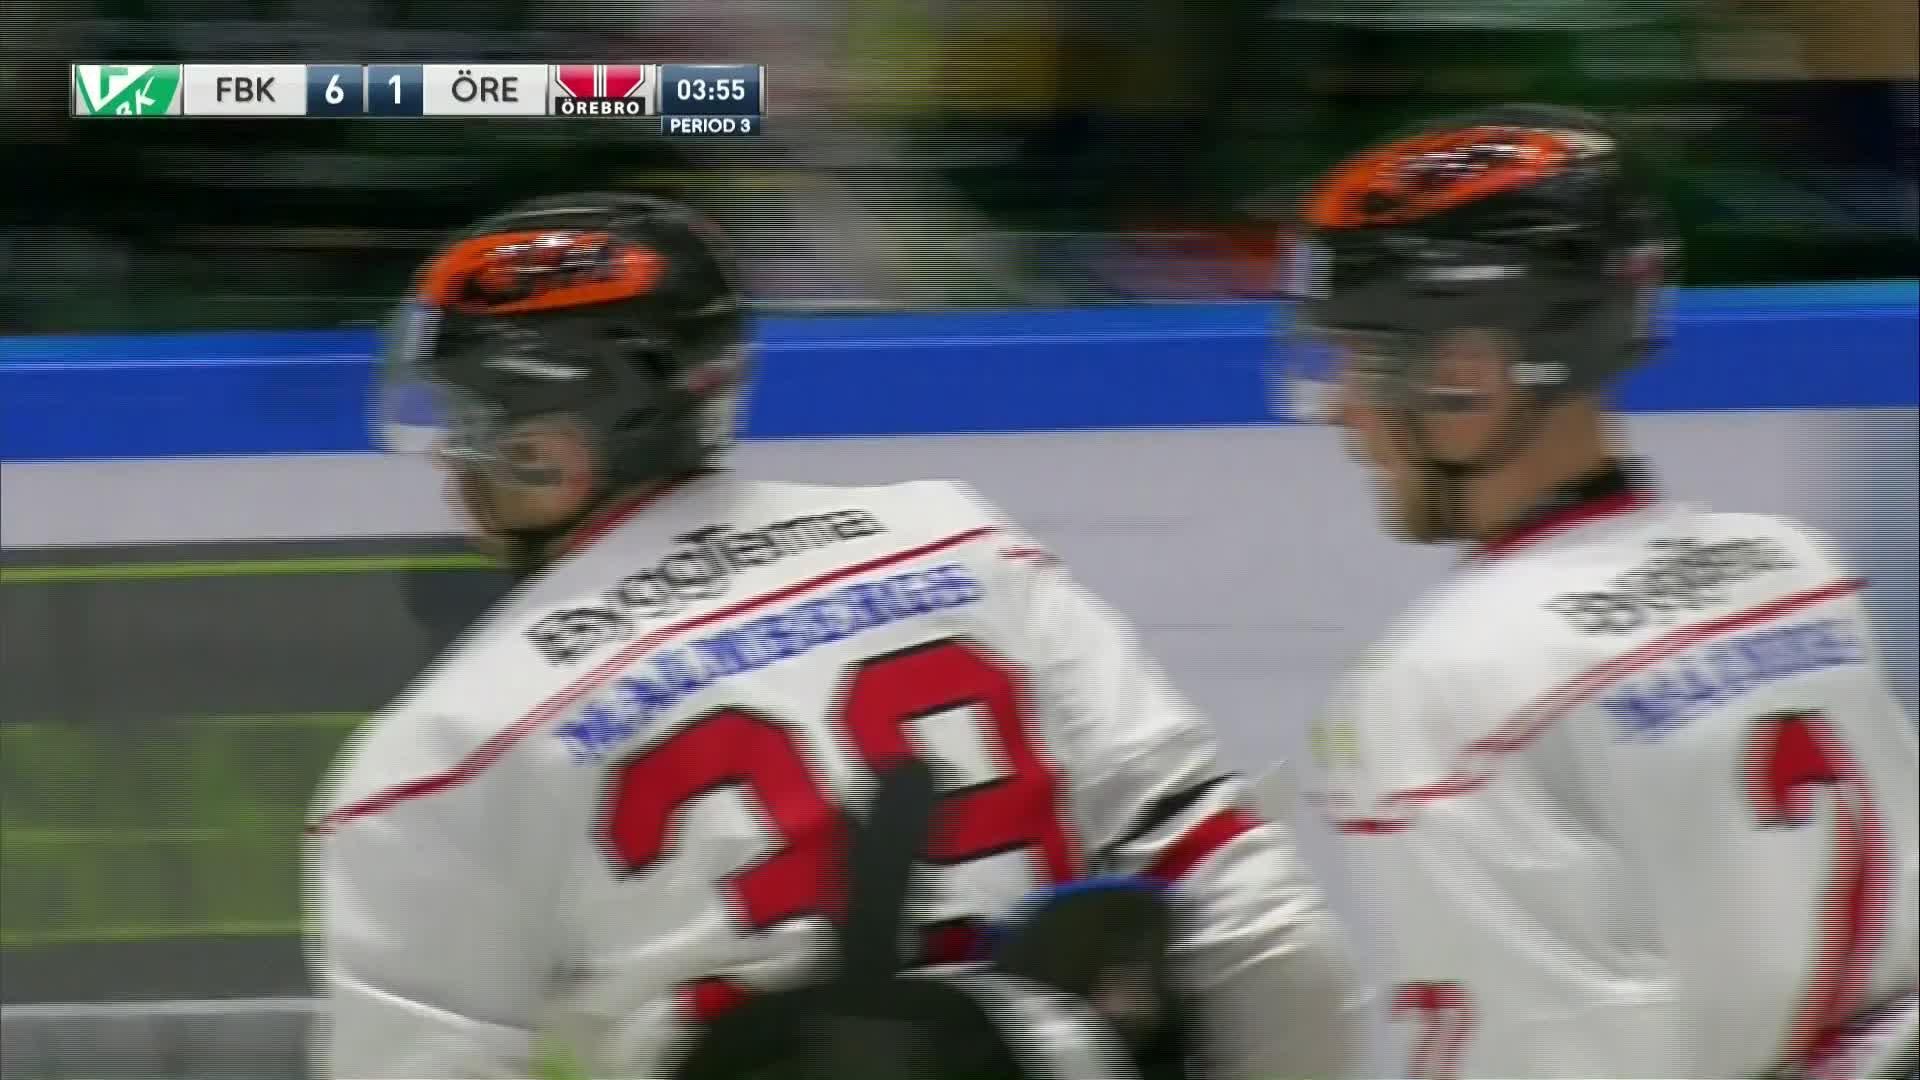 Färjestad BK - Örebro Hockey 6-1